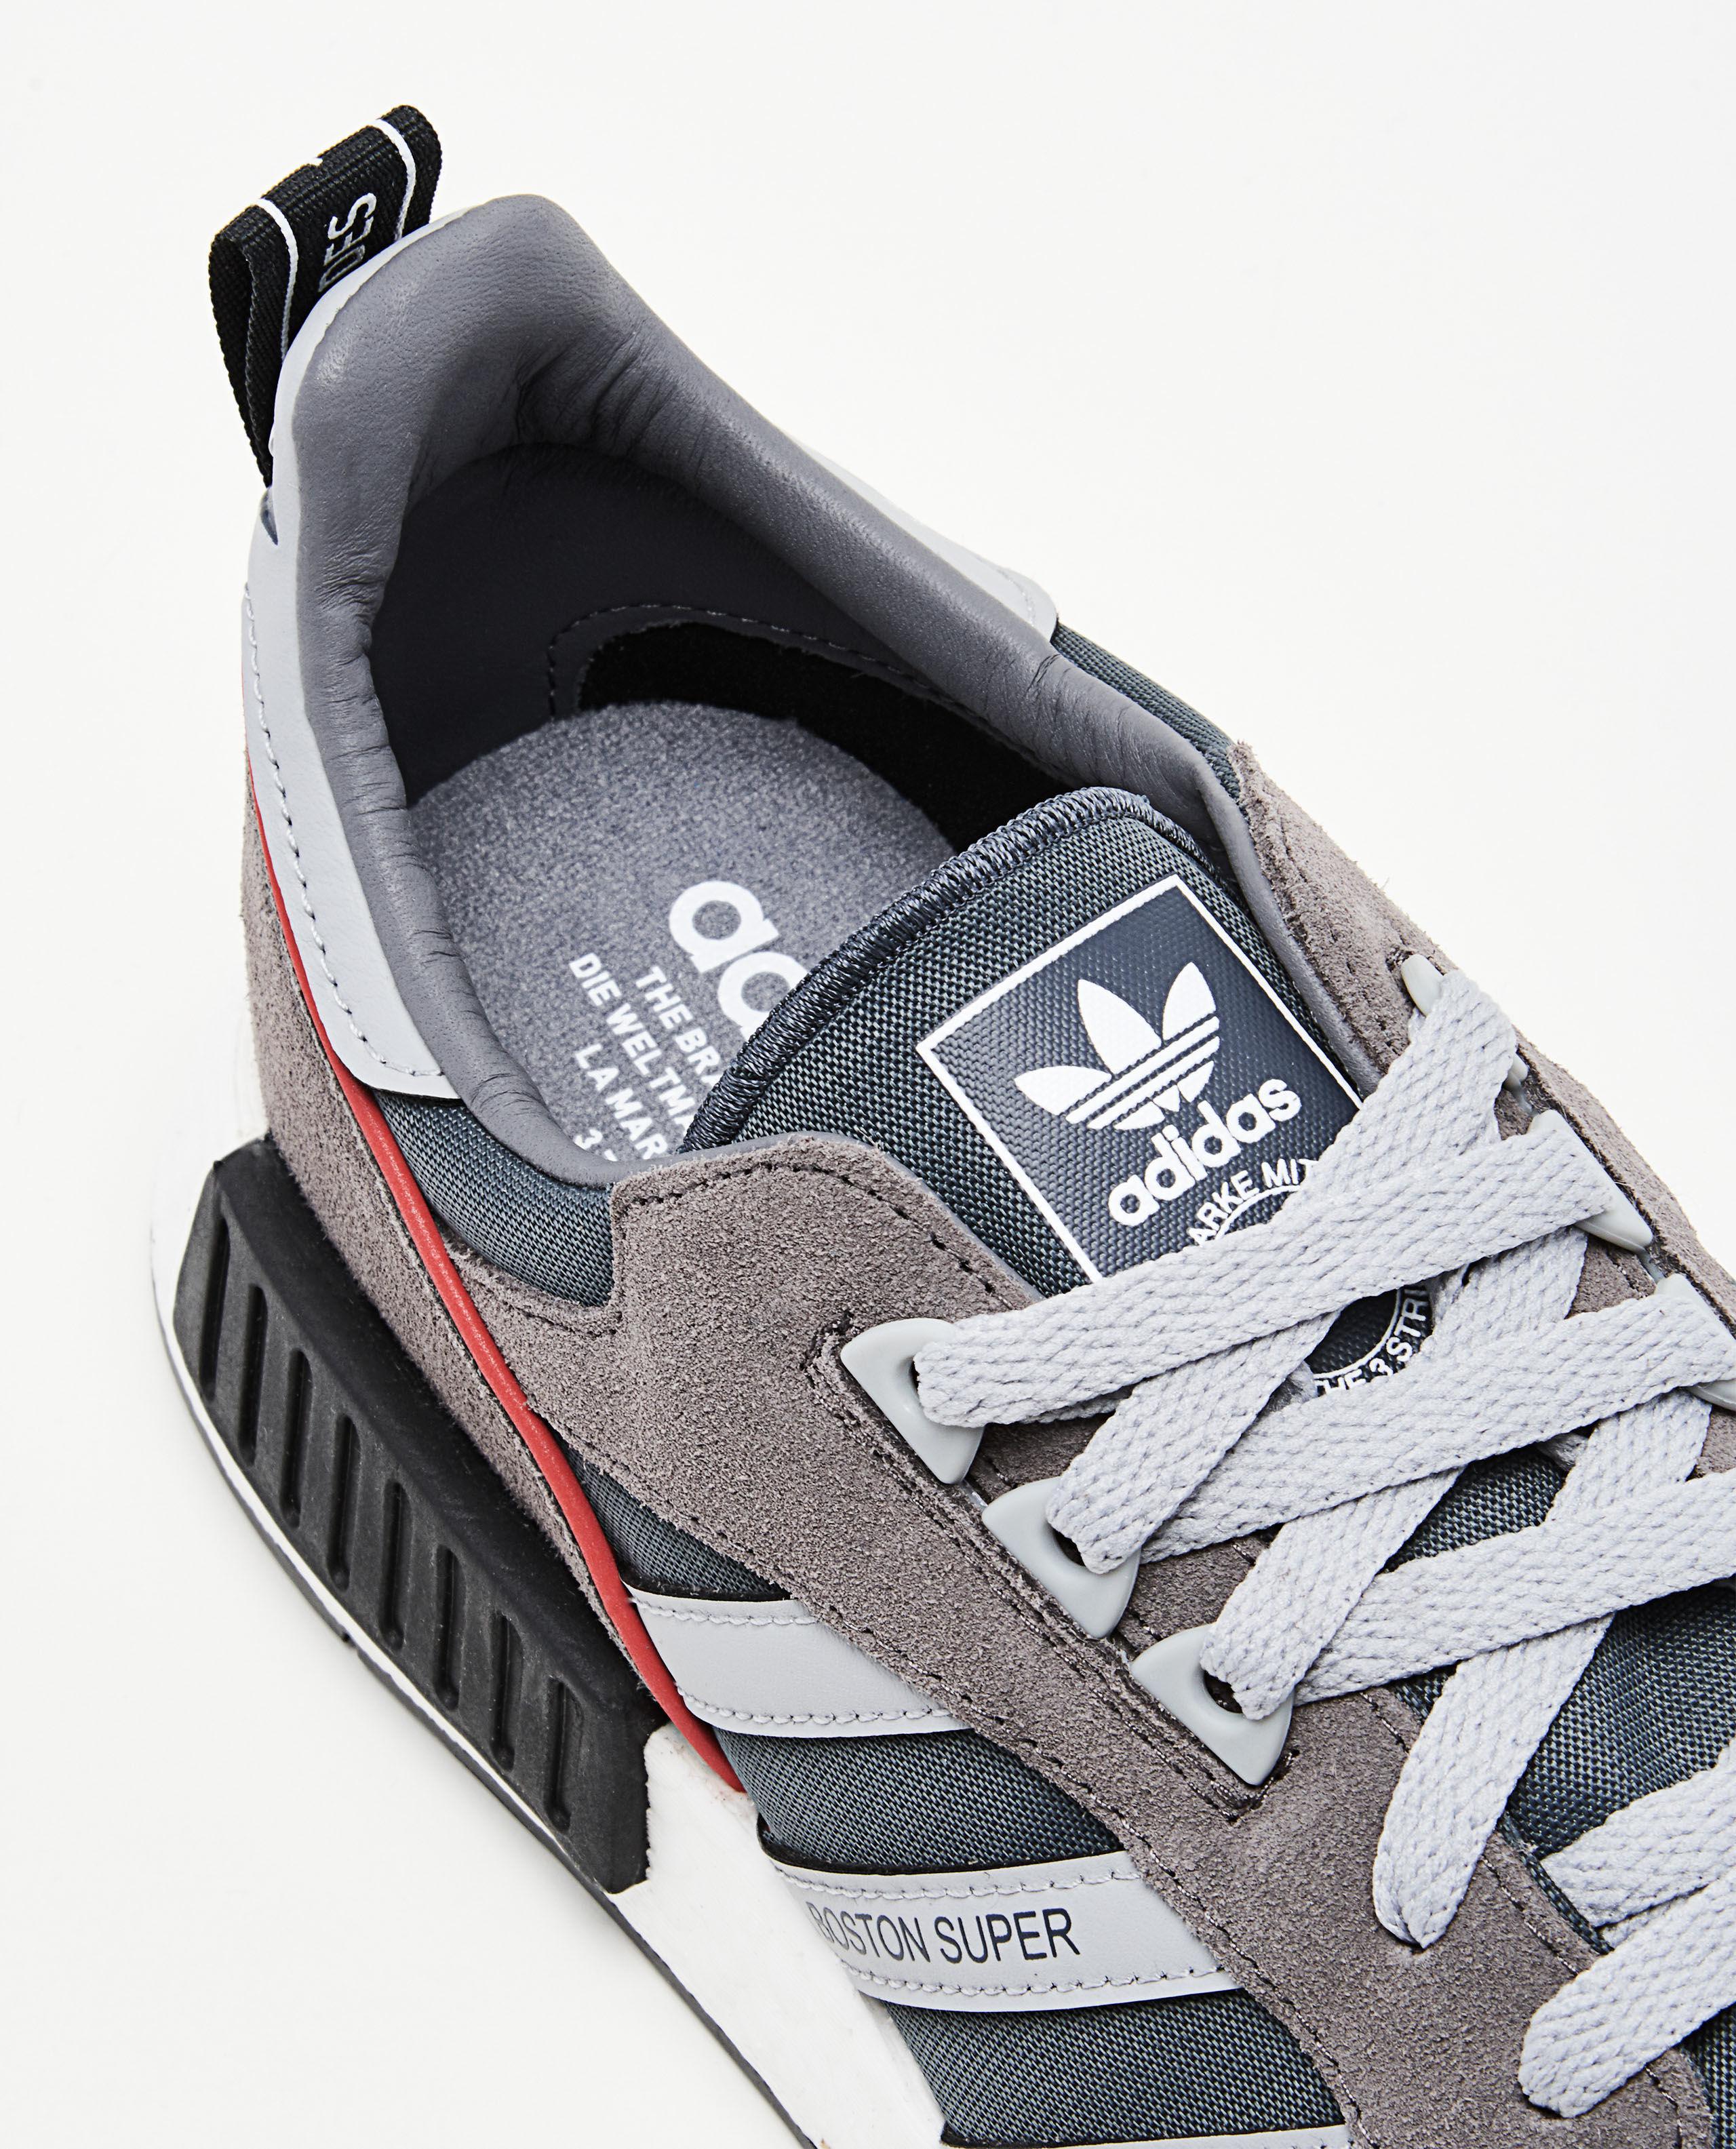 ede125e426ea Lyst - adidas Originals Boston Super X R1 Sneaker in Gray for Men